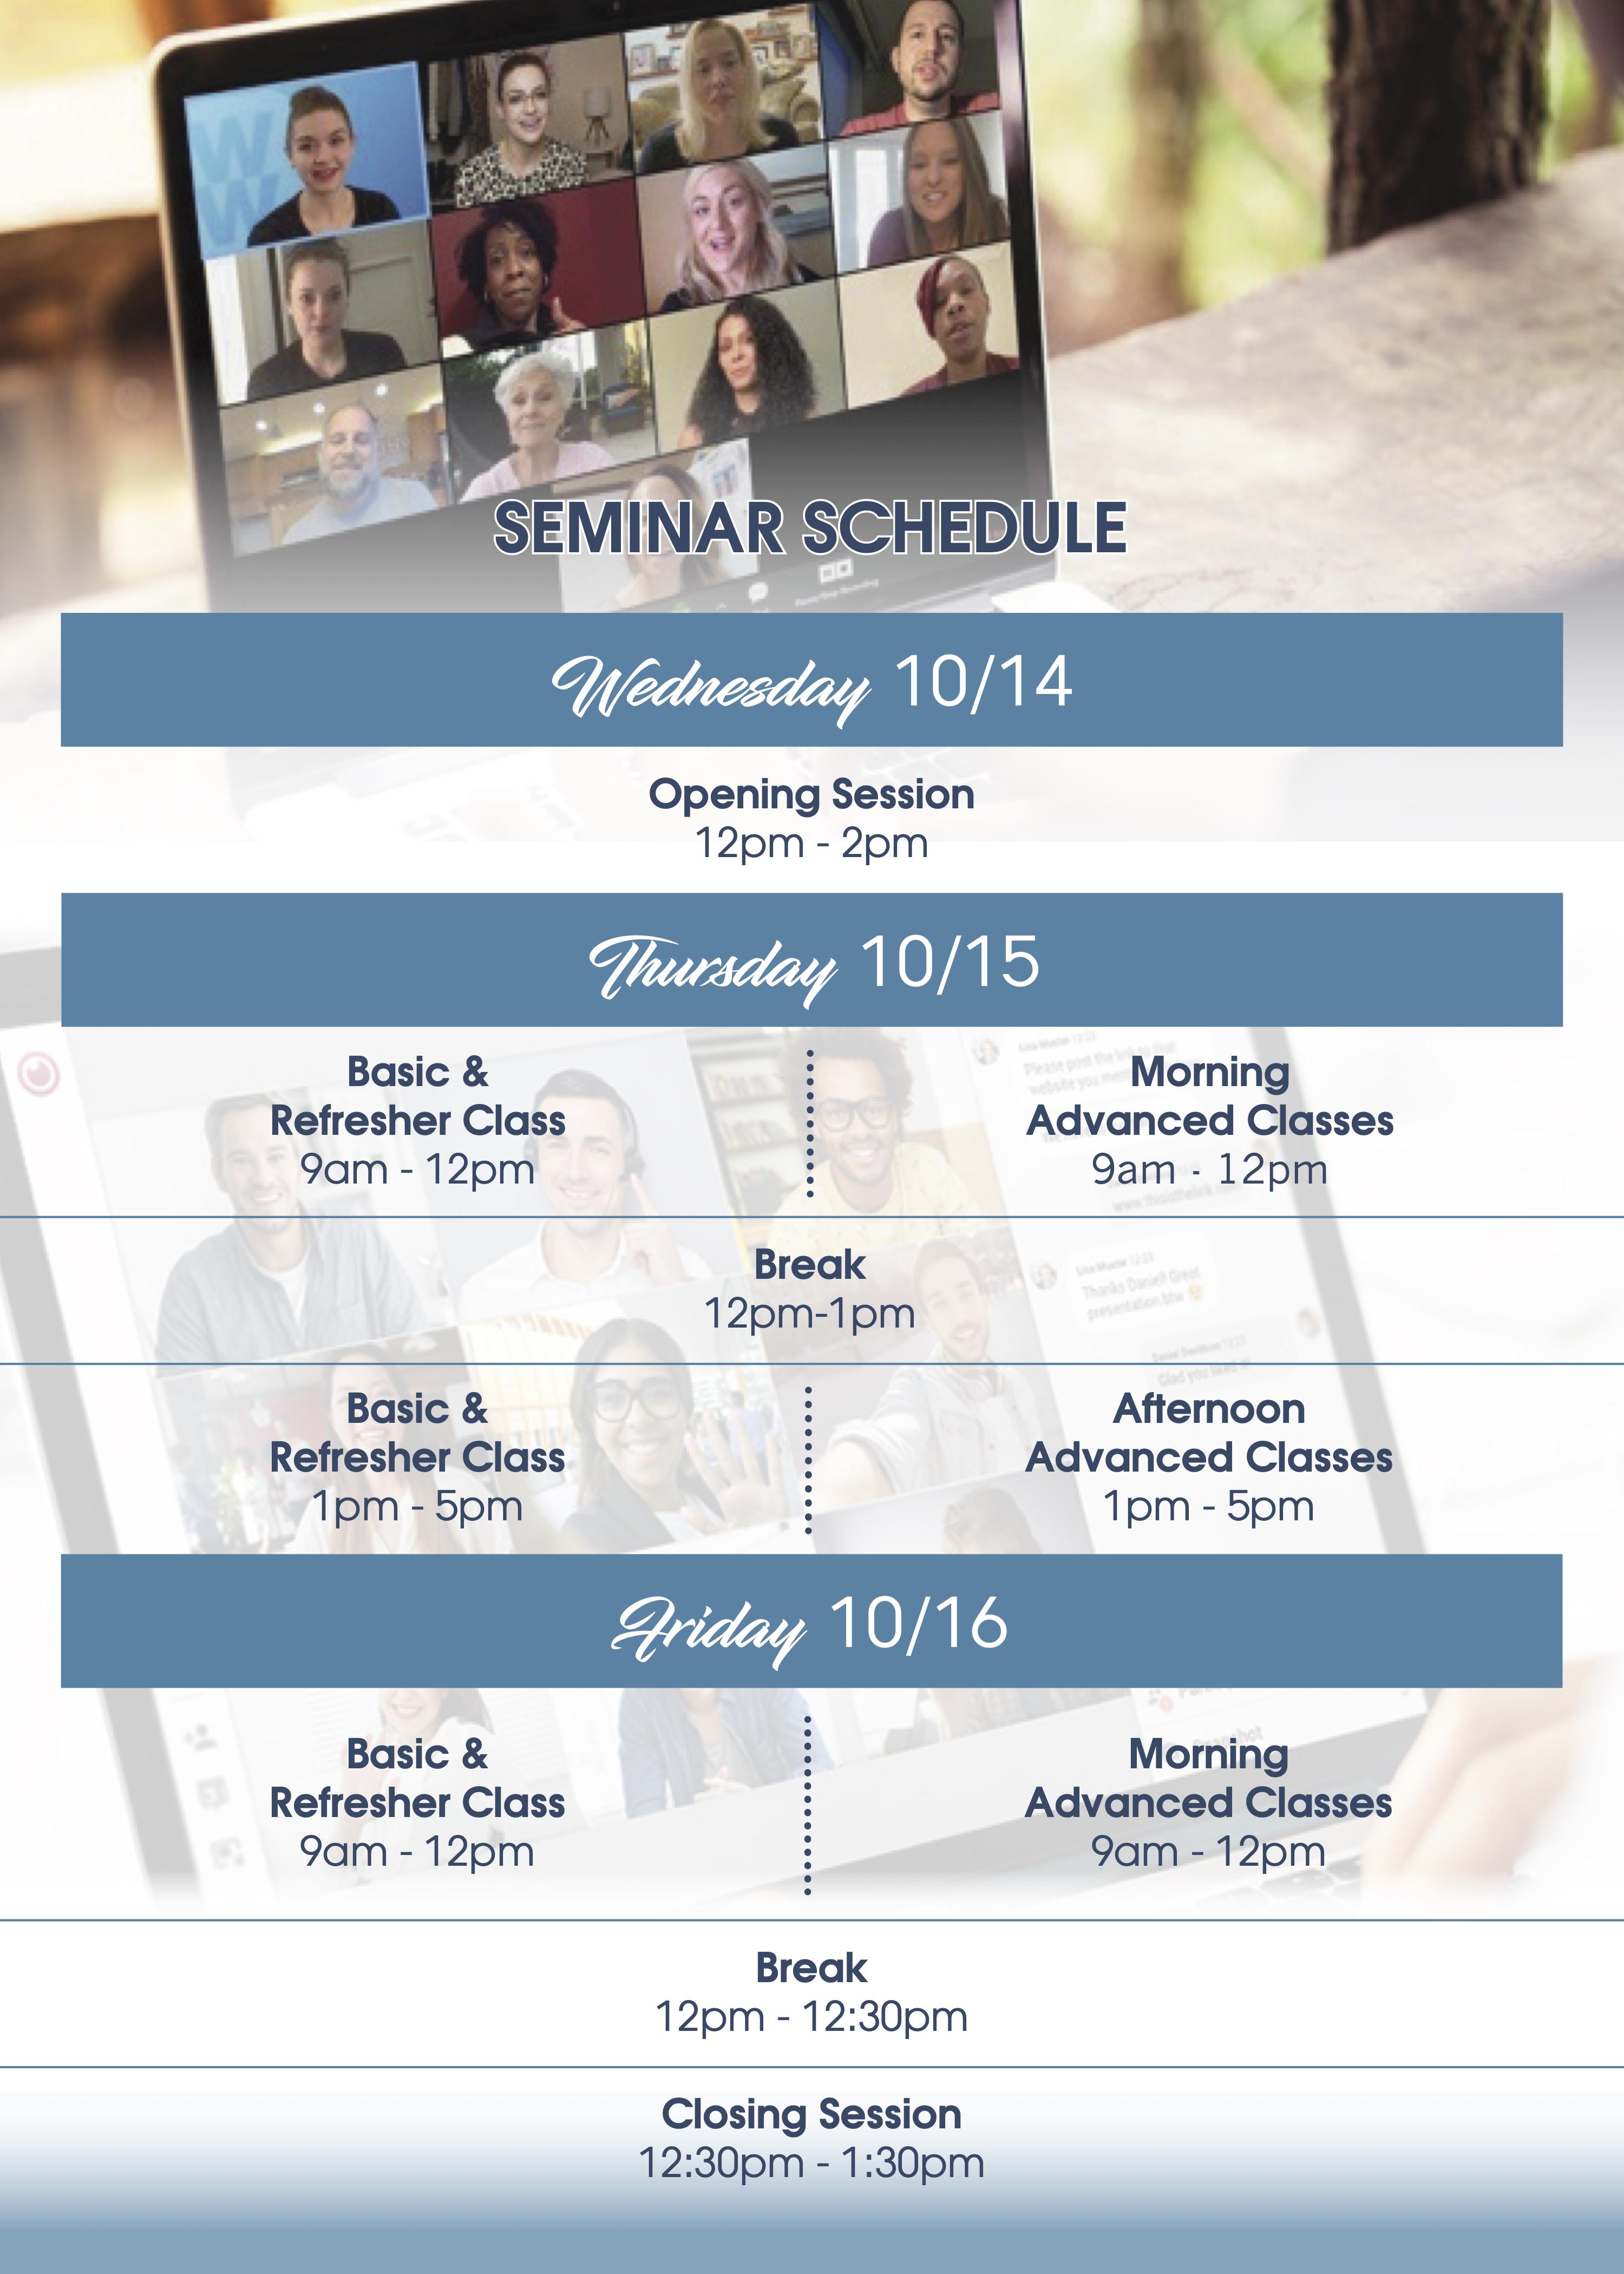 open season seminar schedule